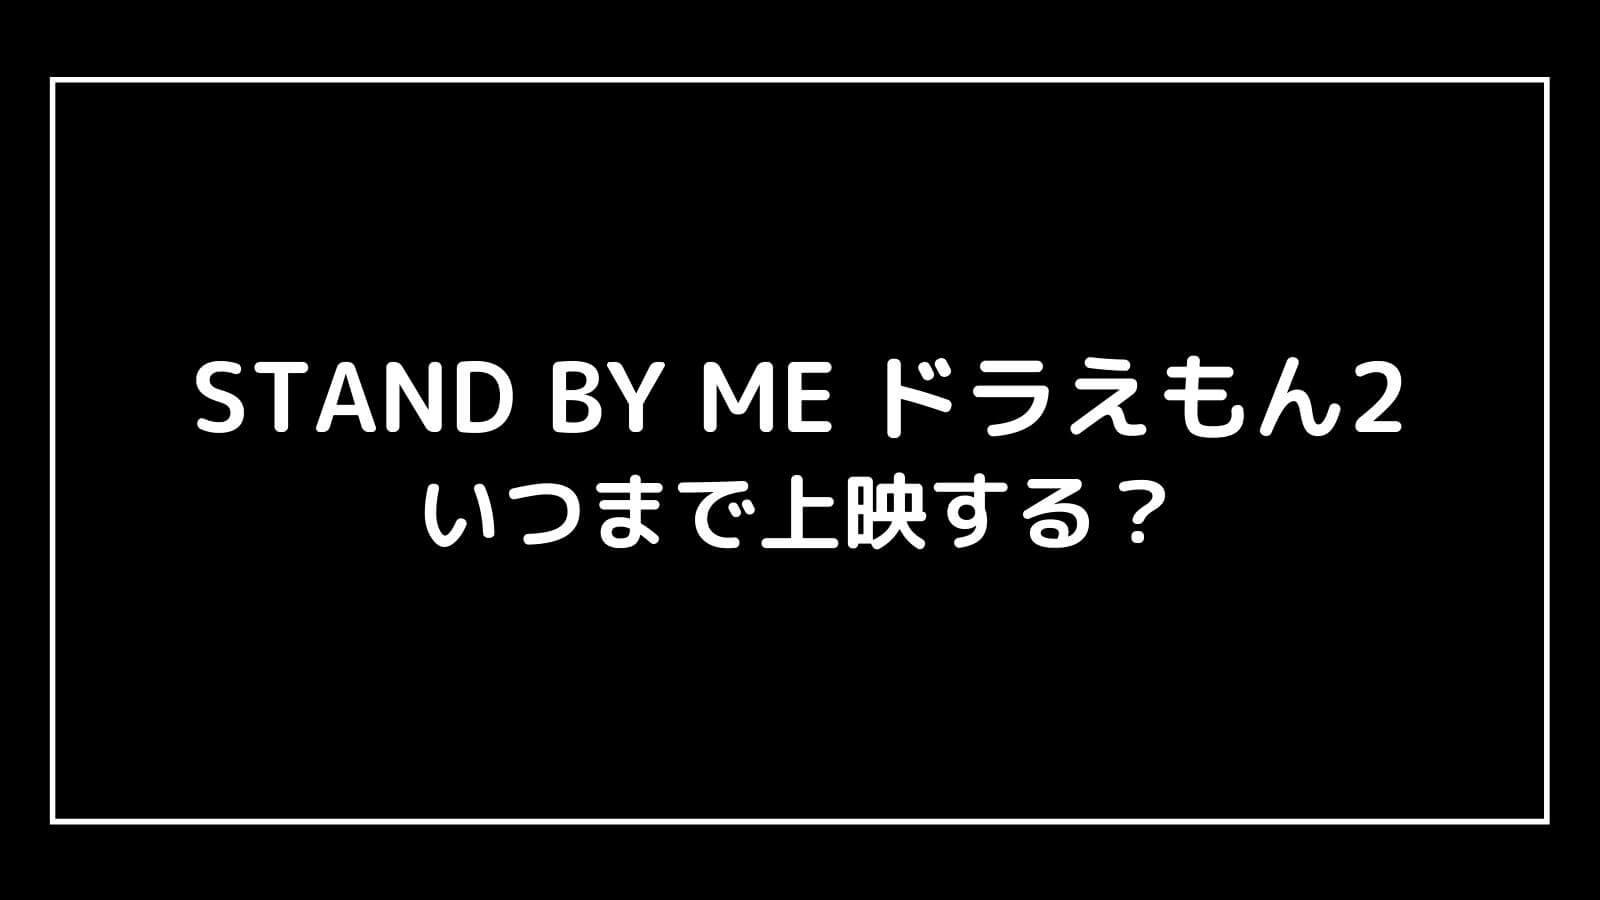 『STAND BY ME ドラえもん2』はいつまで上映する?元映画館社員が上映期間を予想【スタンドバイミー】